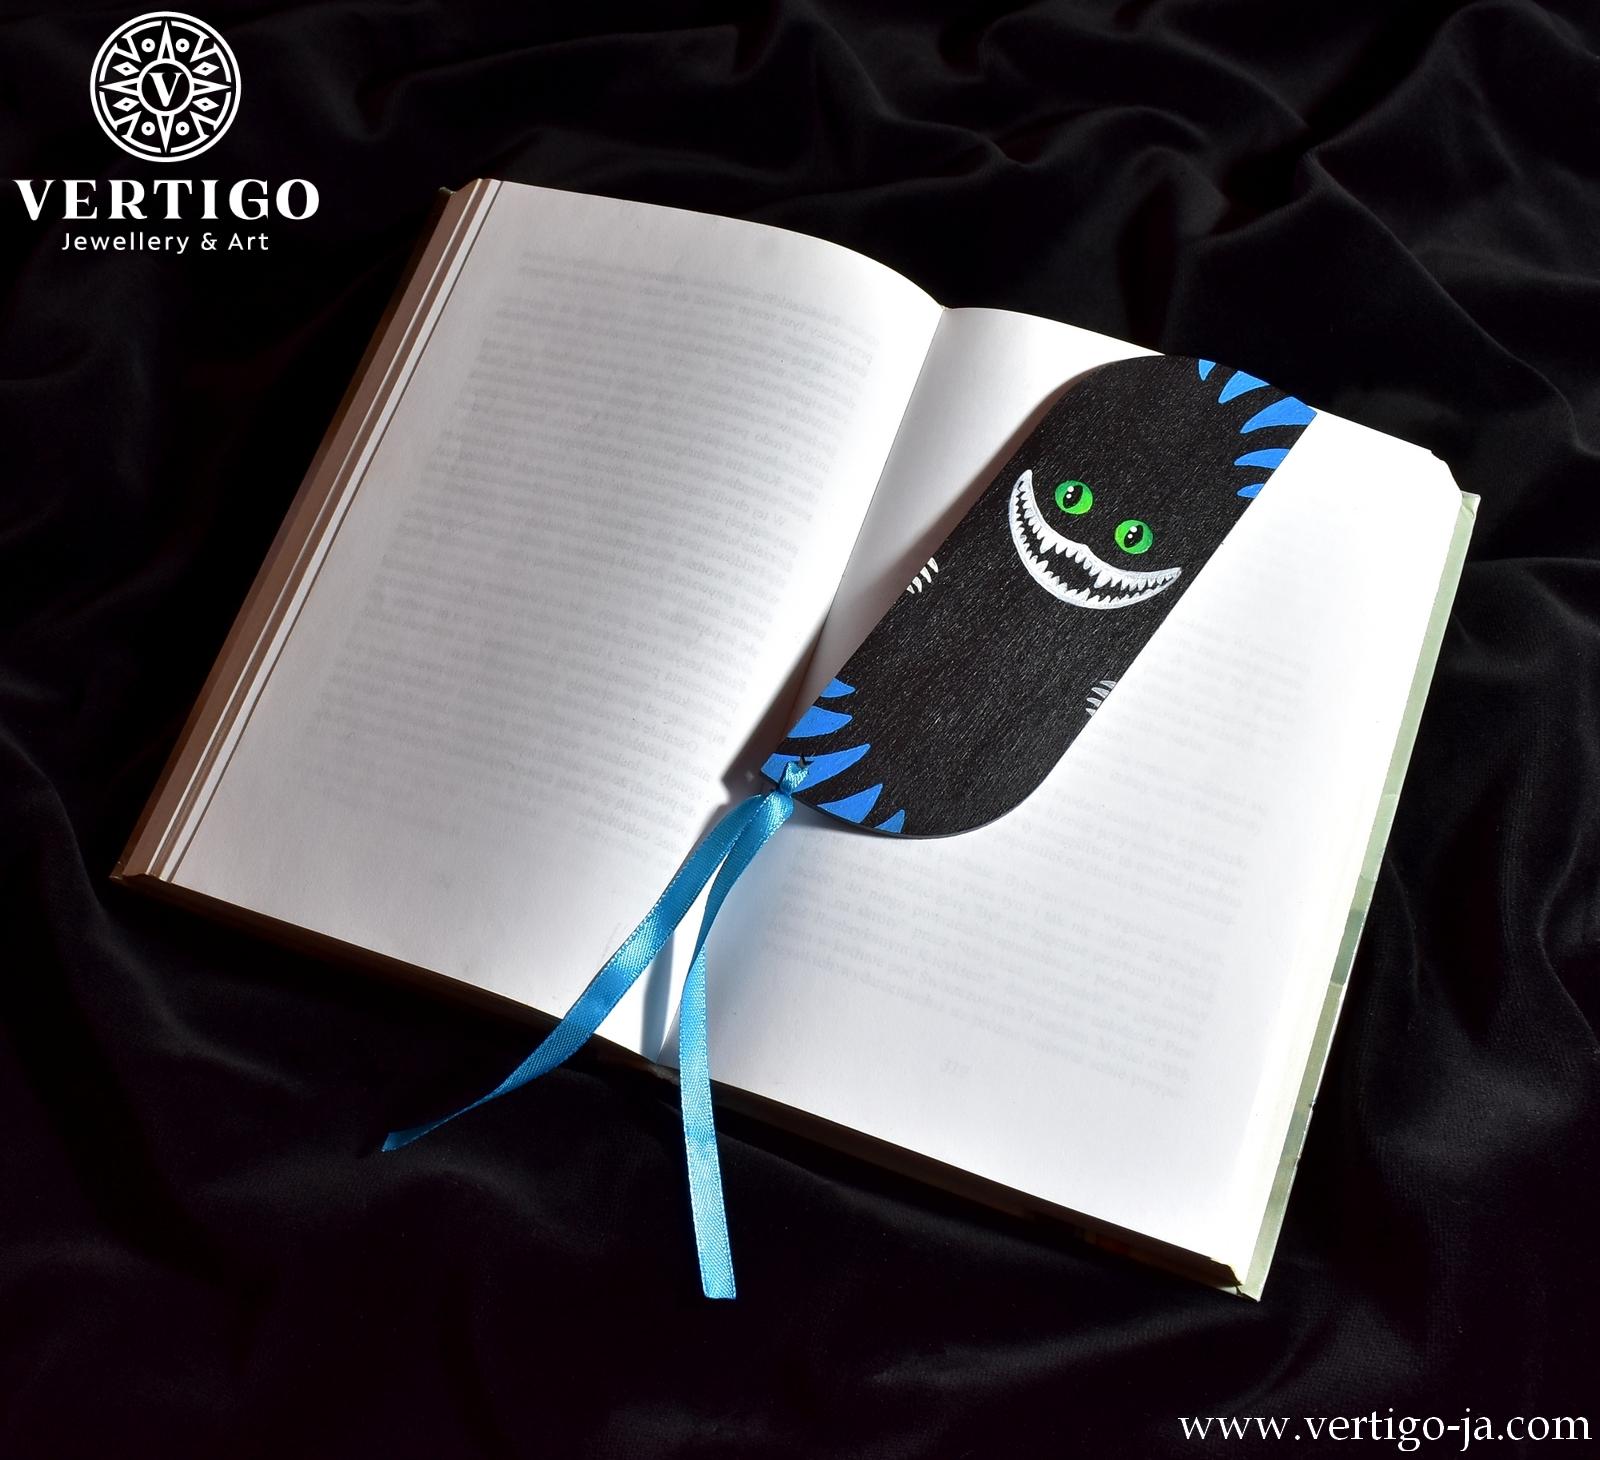 Drewniana zakładka do książki z ręcznie malowanym znikającym kotem na czarnym tle - widoczne zęby, oczy i niebieskie pasy kota